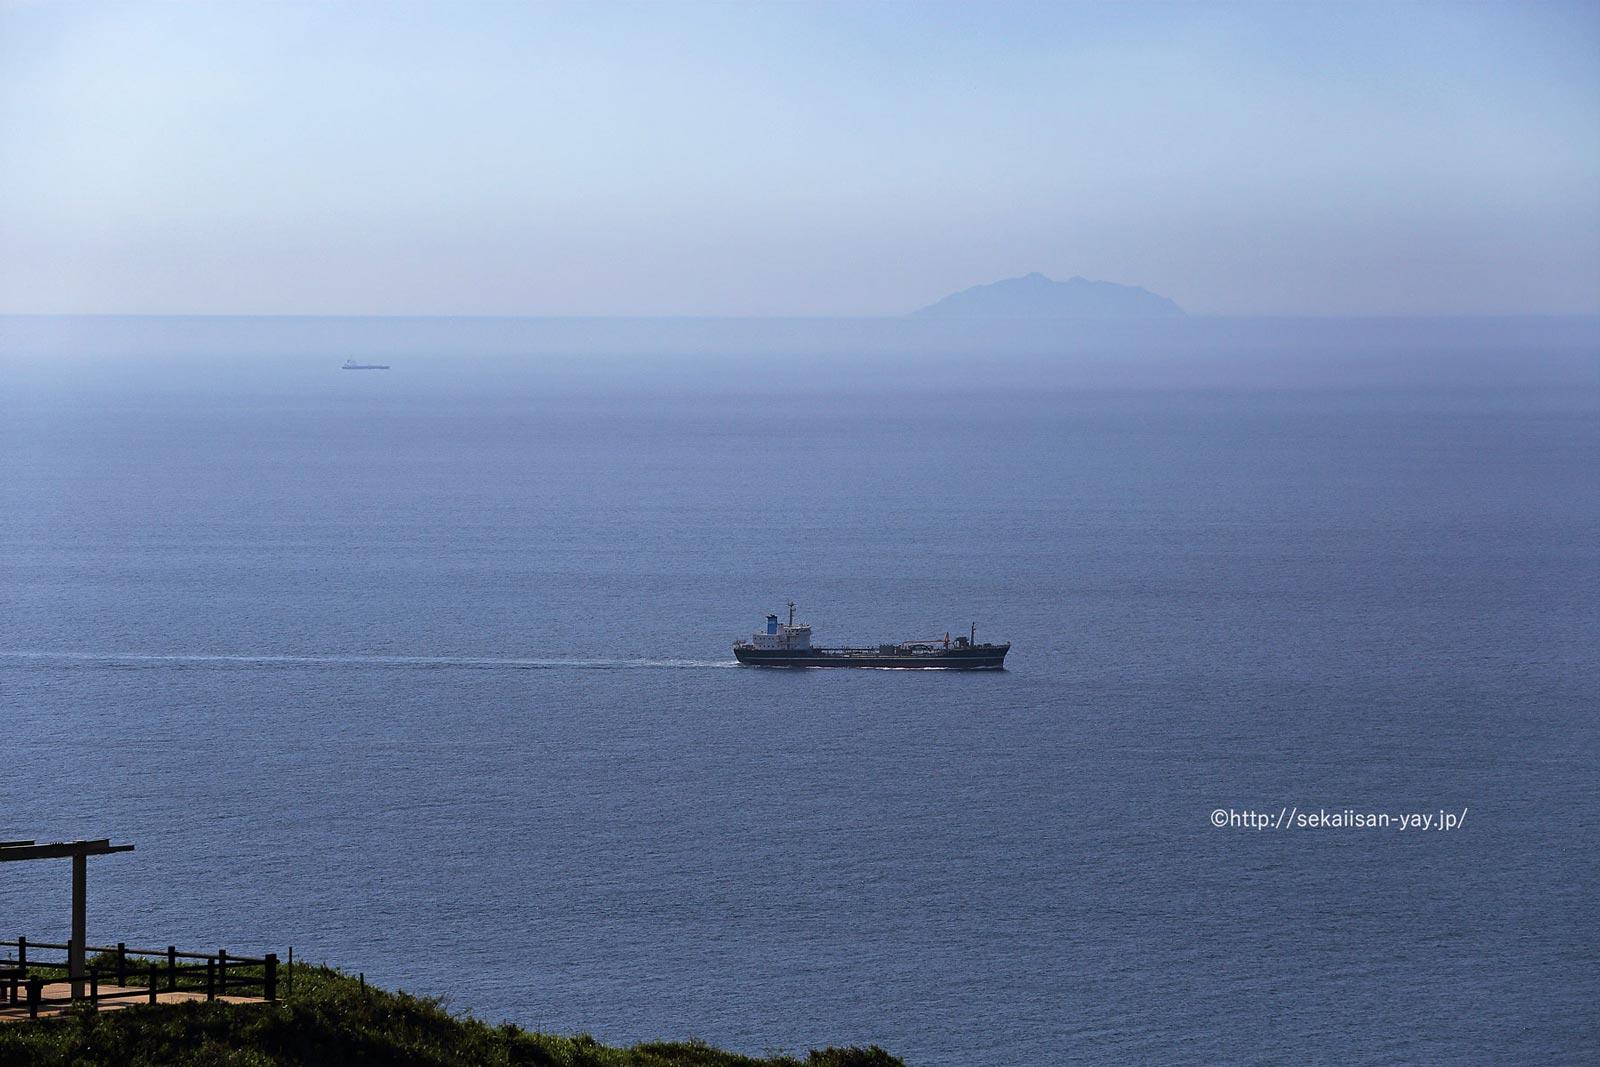 「「神宿る島」宗像・沖ノ島と関連遺産群」 - 大島から沖ノ島が見えた!